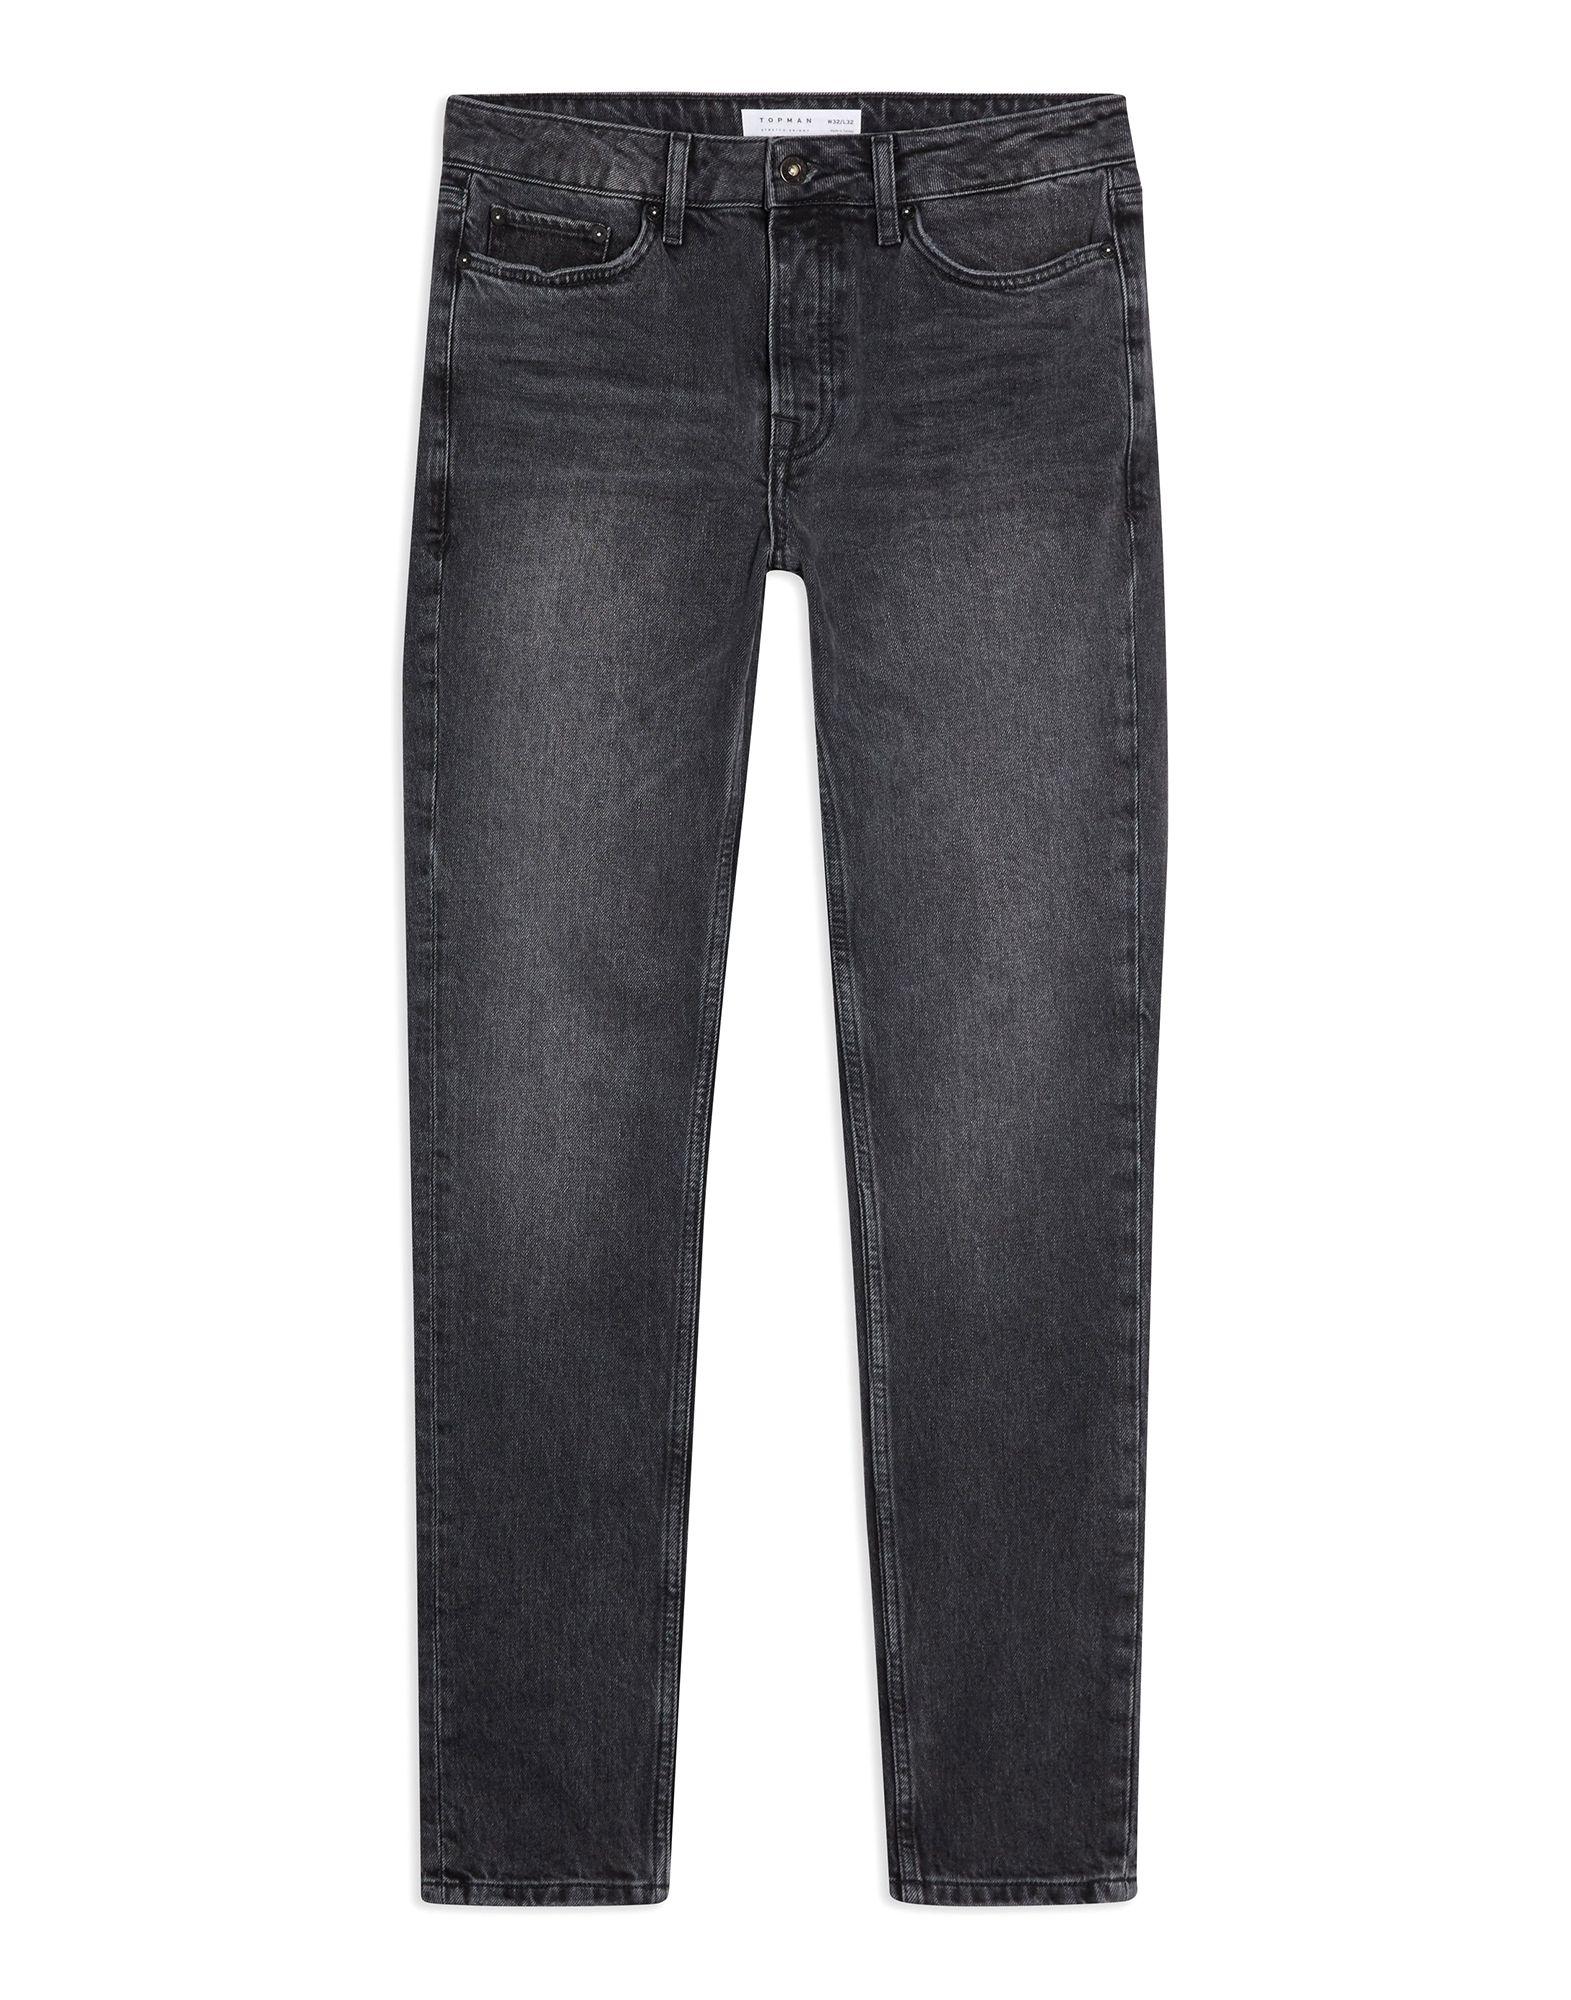 《セール開催中》TOPMAN メンズ ジーンズ ブラック 28W-32L コットン 99% / ポリウレタン 1% CONSIDERED WASHED BLACK STRETCH SKINNY JEANS